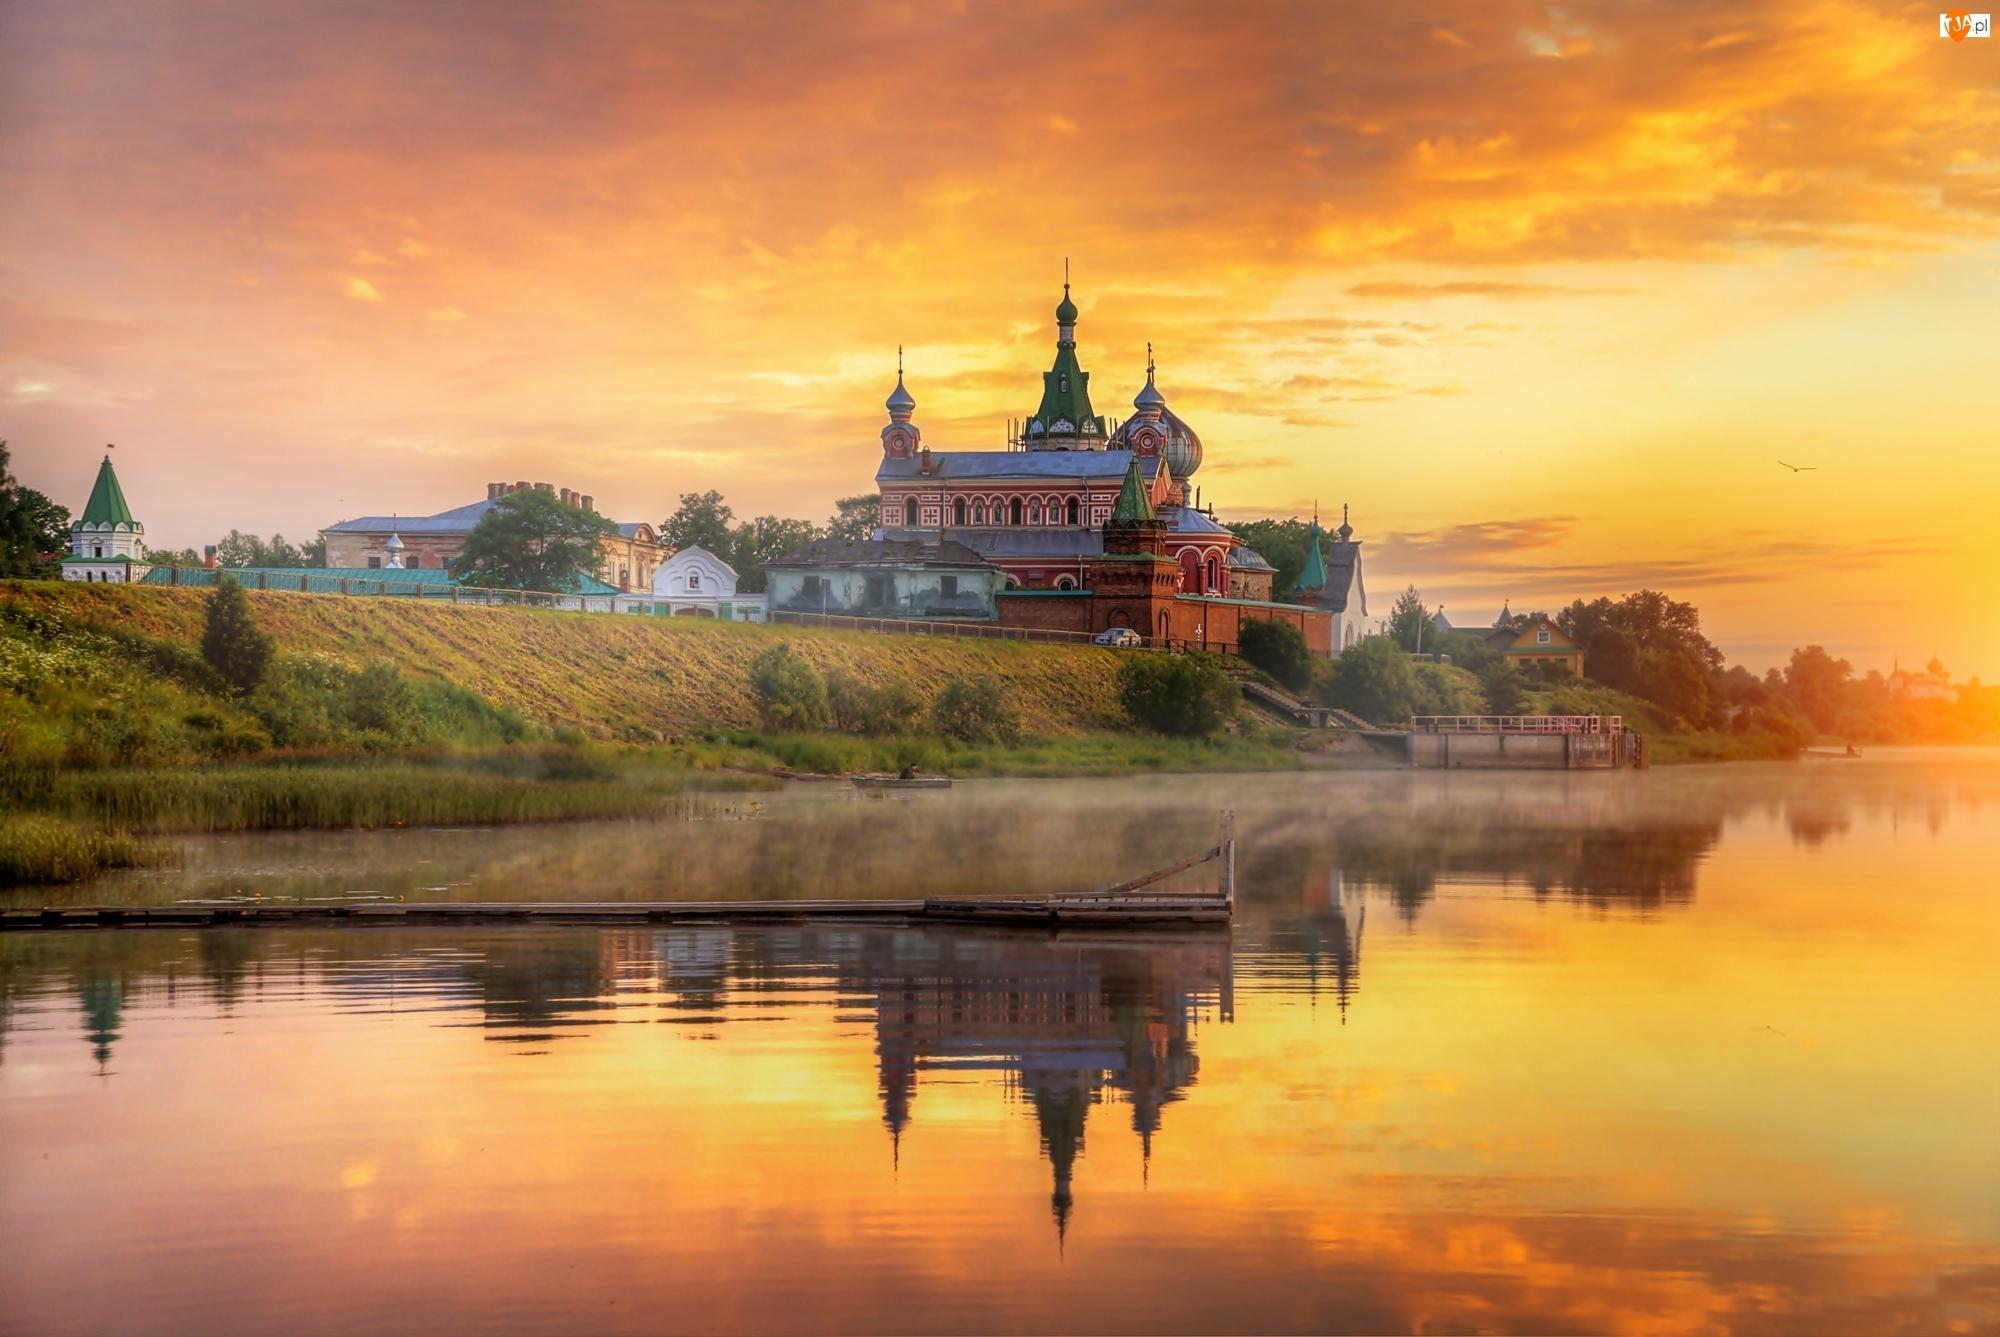 Cerkiew, Rosja, Wieś Stara Ładoga, Zachód słońca, Rzeka Wołchow, Mgła